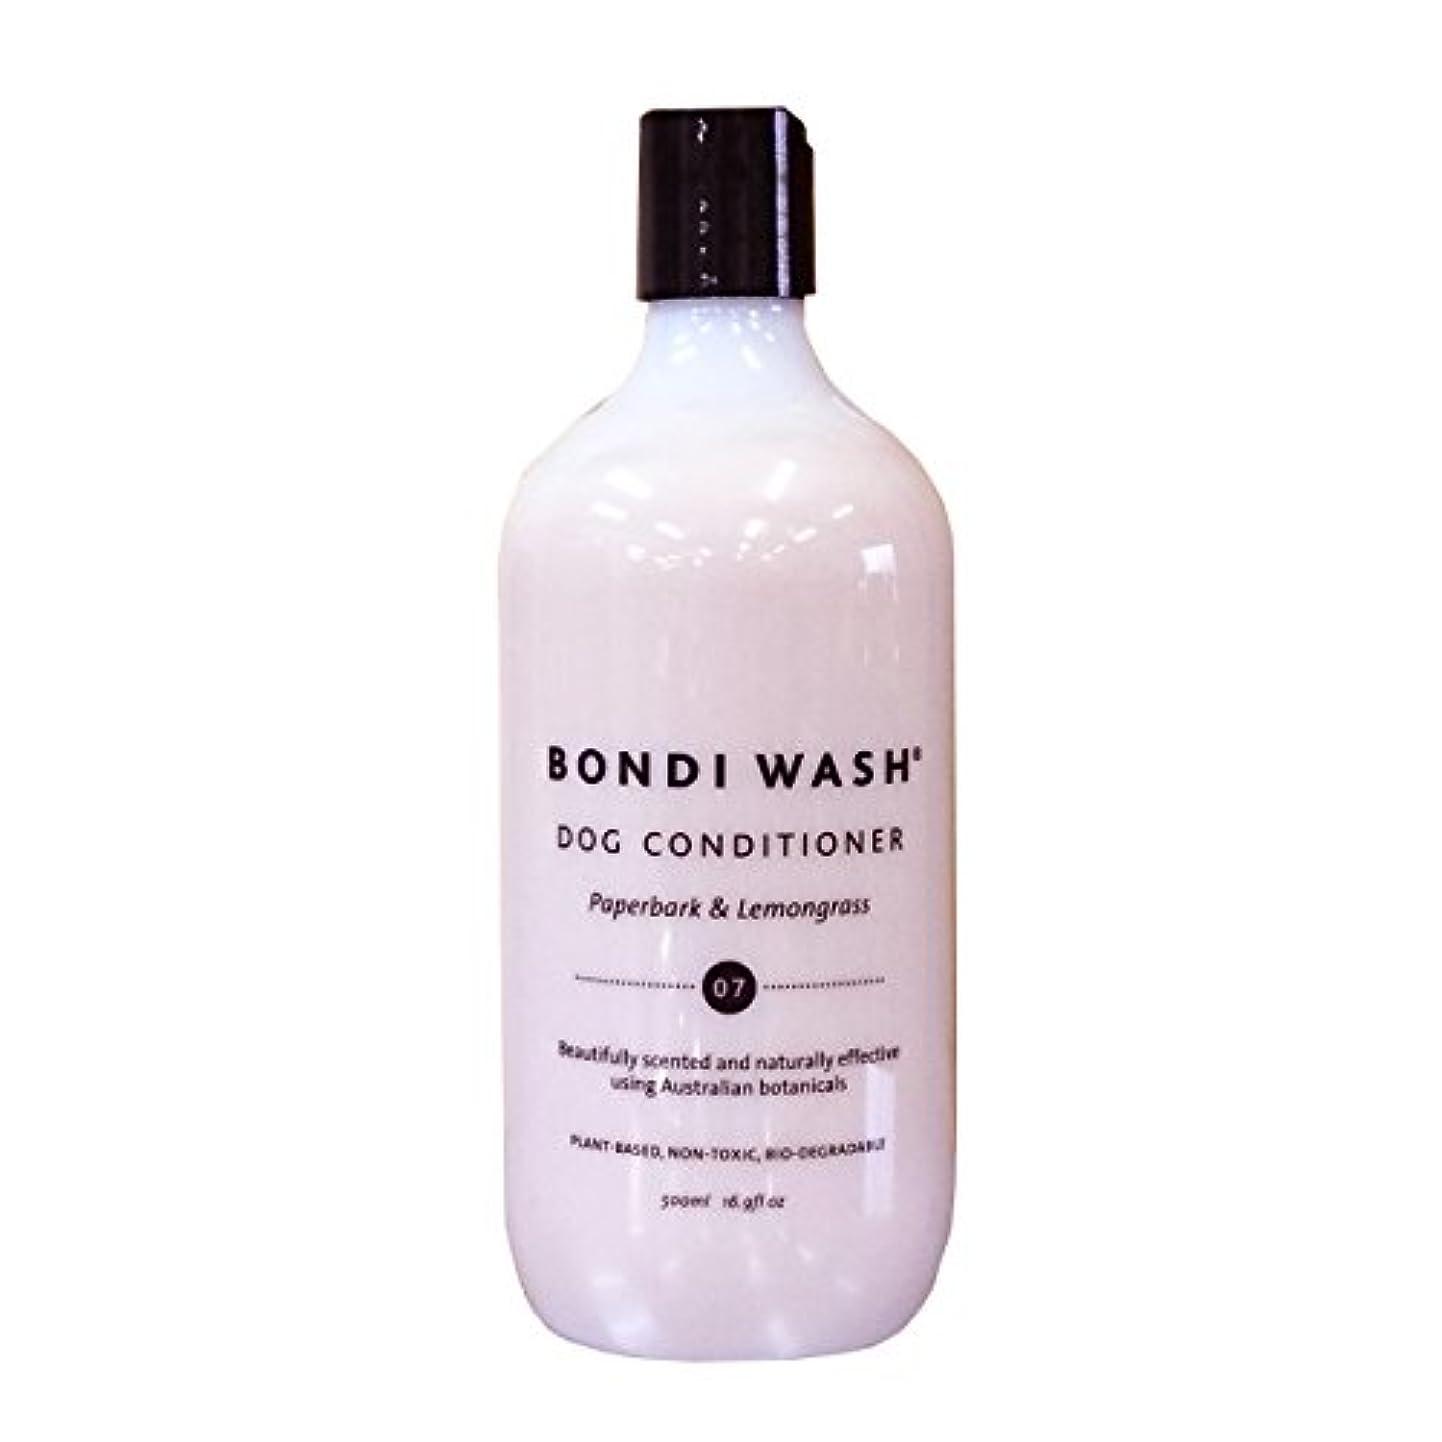 事前定期的に砂漠BONDI WASH ドッグコンディショナー ペイパーバーク&レモングラス (250ml)